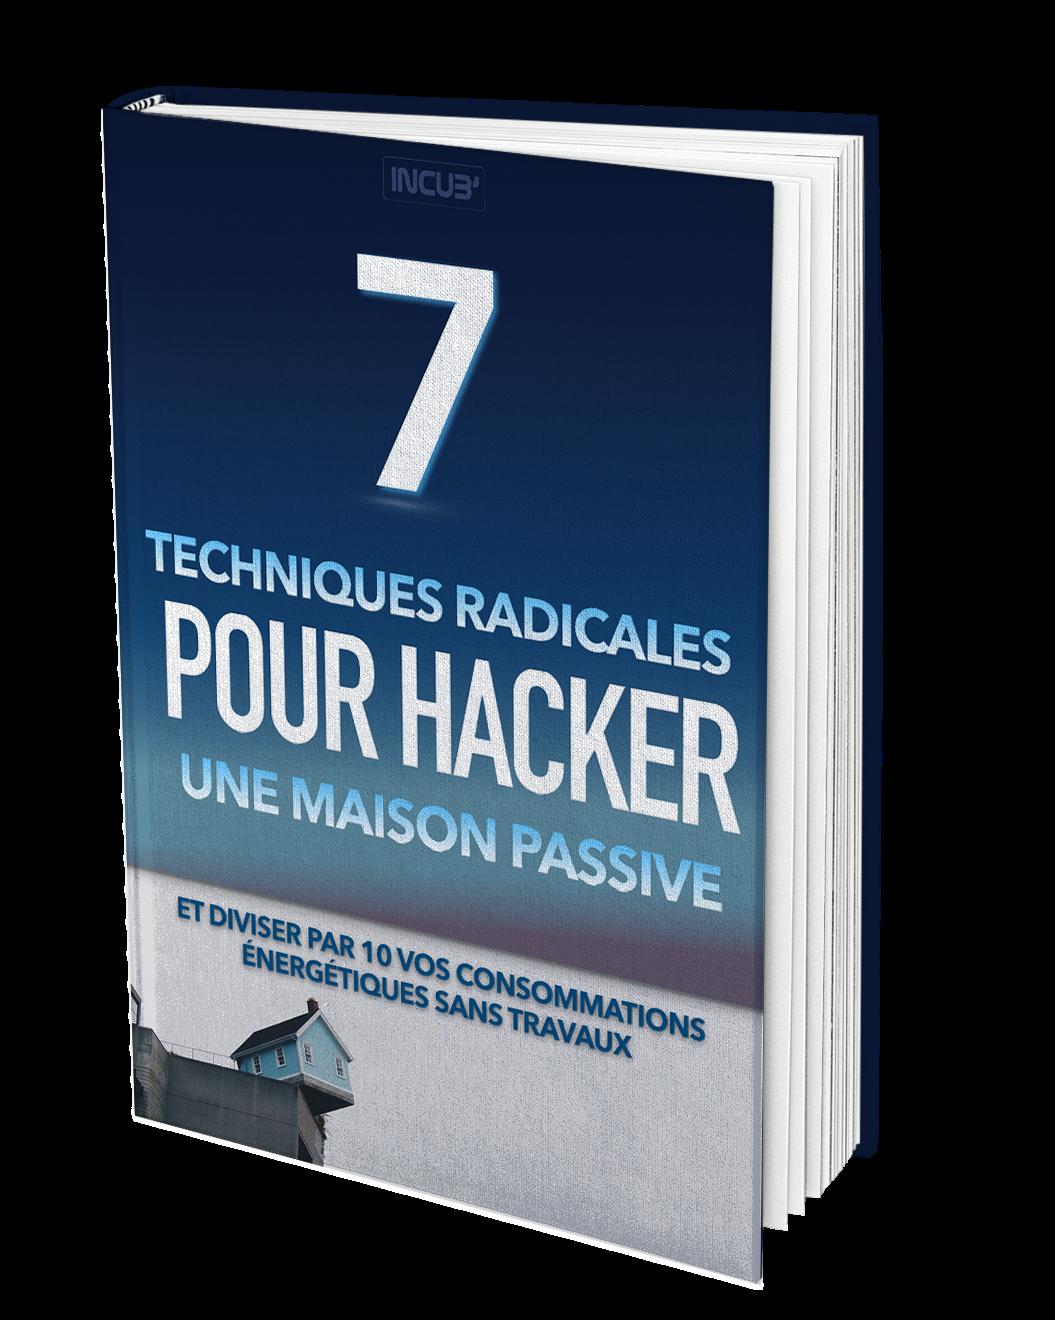 7 techniques radicales pour hacker une maison passive